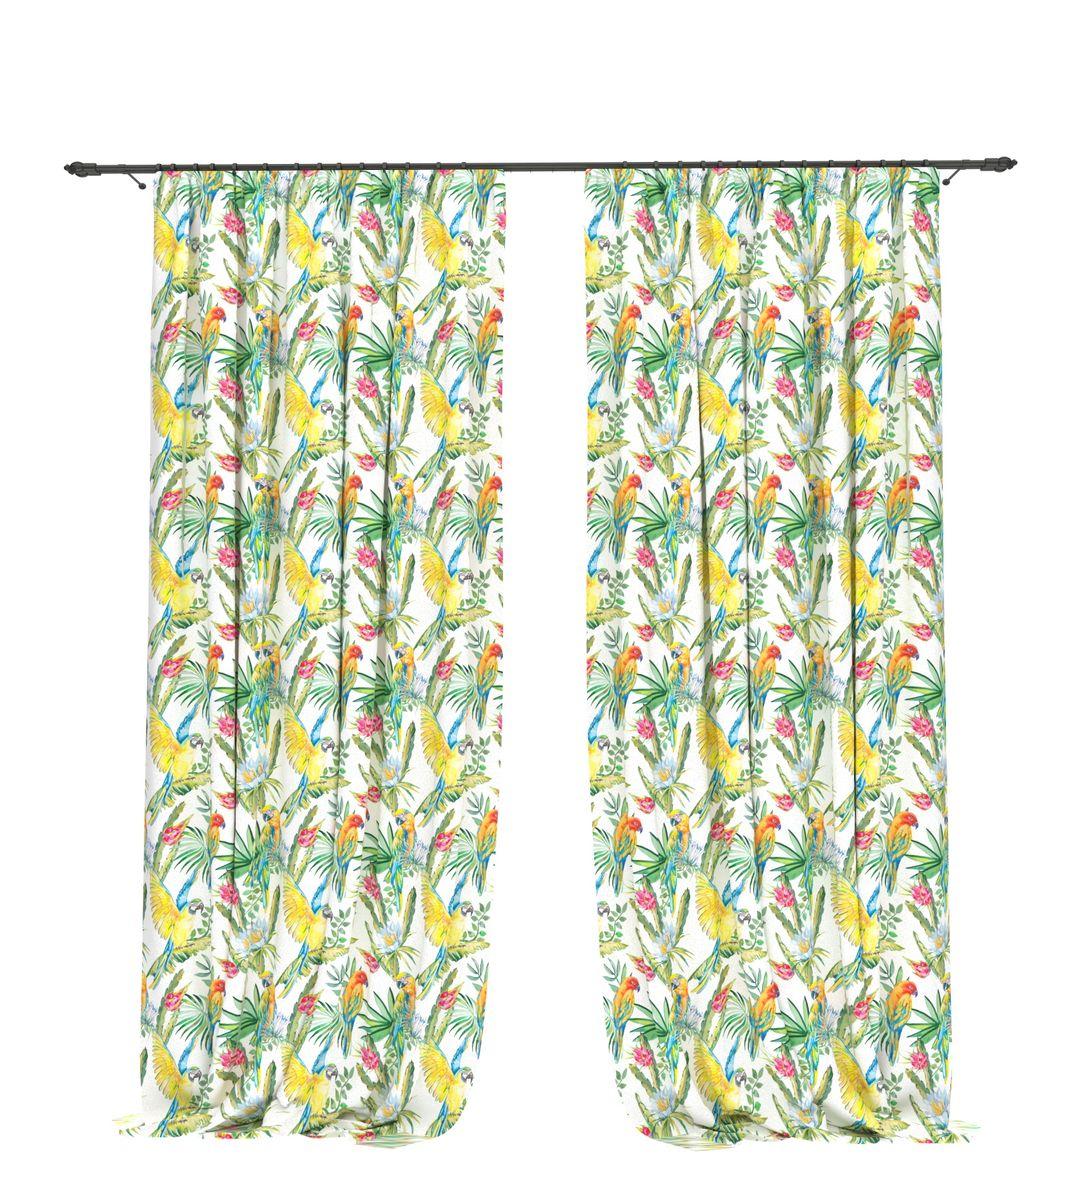 Комплект фотоштор Bellino Home Попугай в кактусе, высота 260 см. 05526-ФШ-ГБ-00103626-ФТ-ВЛ-001Комплект фотоштор BELLINO HOME, коллекция Тропики. Рожденный вдоль экватора тропический стиль смешивает множество культур и традиций в единое целое. Эта коллекция подобно котлу, в котором варятся туземные материалы, элегантная простота, экзотические мотивы и море солнечного света. Будто бы вечные каникулы: здесь замедляется время и замирает суета мегаполиса. Богатое разнообразие флоры и фауны способно преобразить атмосферу любого интерьера. Крепление на карниз при помощи шторной ленты на крючки.В комплекте: Портьера: 2 шт. Размер (ШхВ): 145 см х 260 см. Рекомендации по уходу: стирка при 30 градусах гладить при температуре до 150 градусов Изображение на мониторе может немного отличаться от реального.